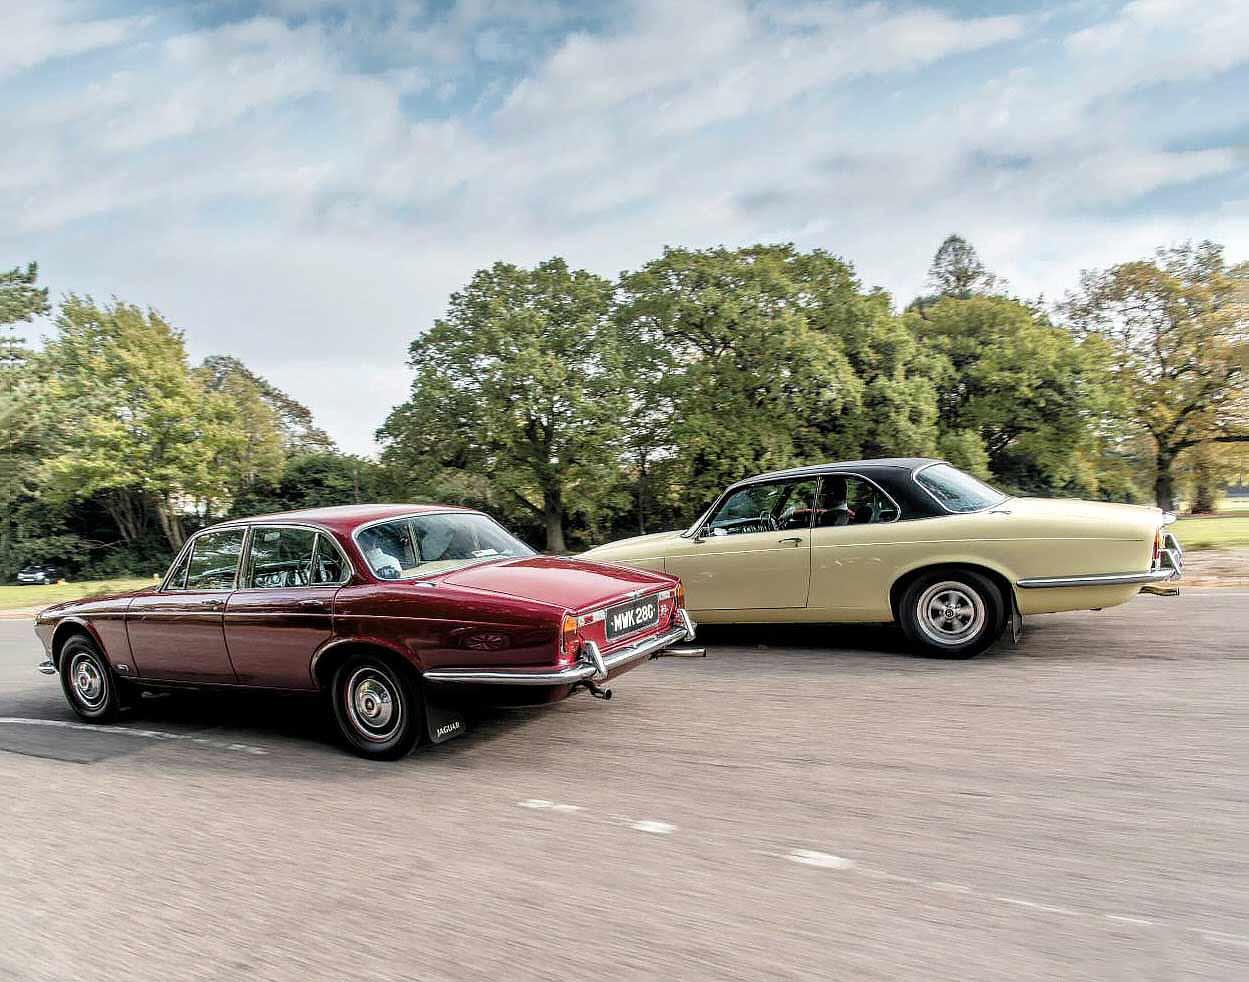 Jaguar XJ6 2.8 Series 1 and Daimler Sovereign Coupé